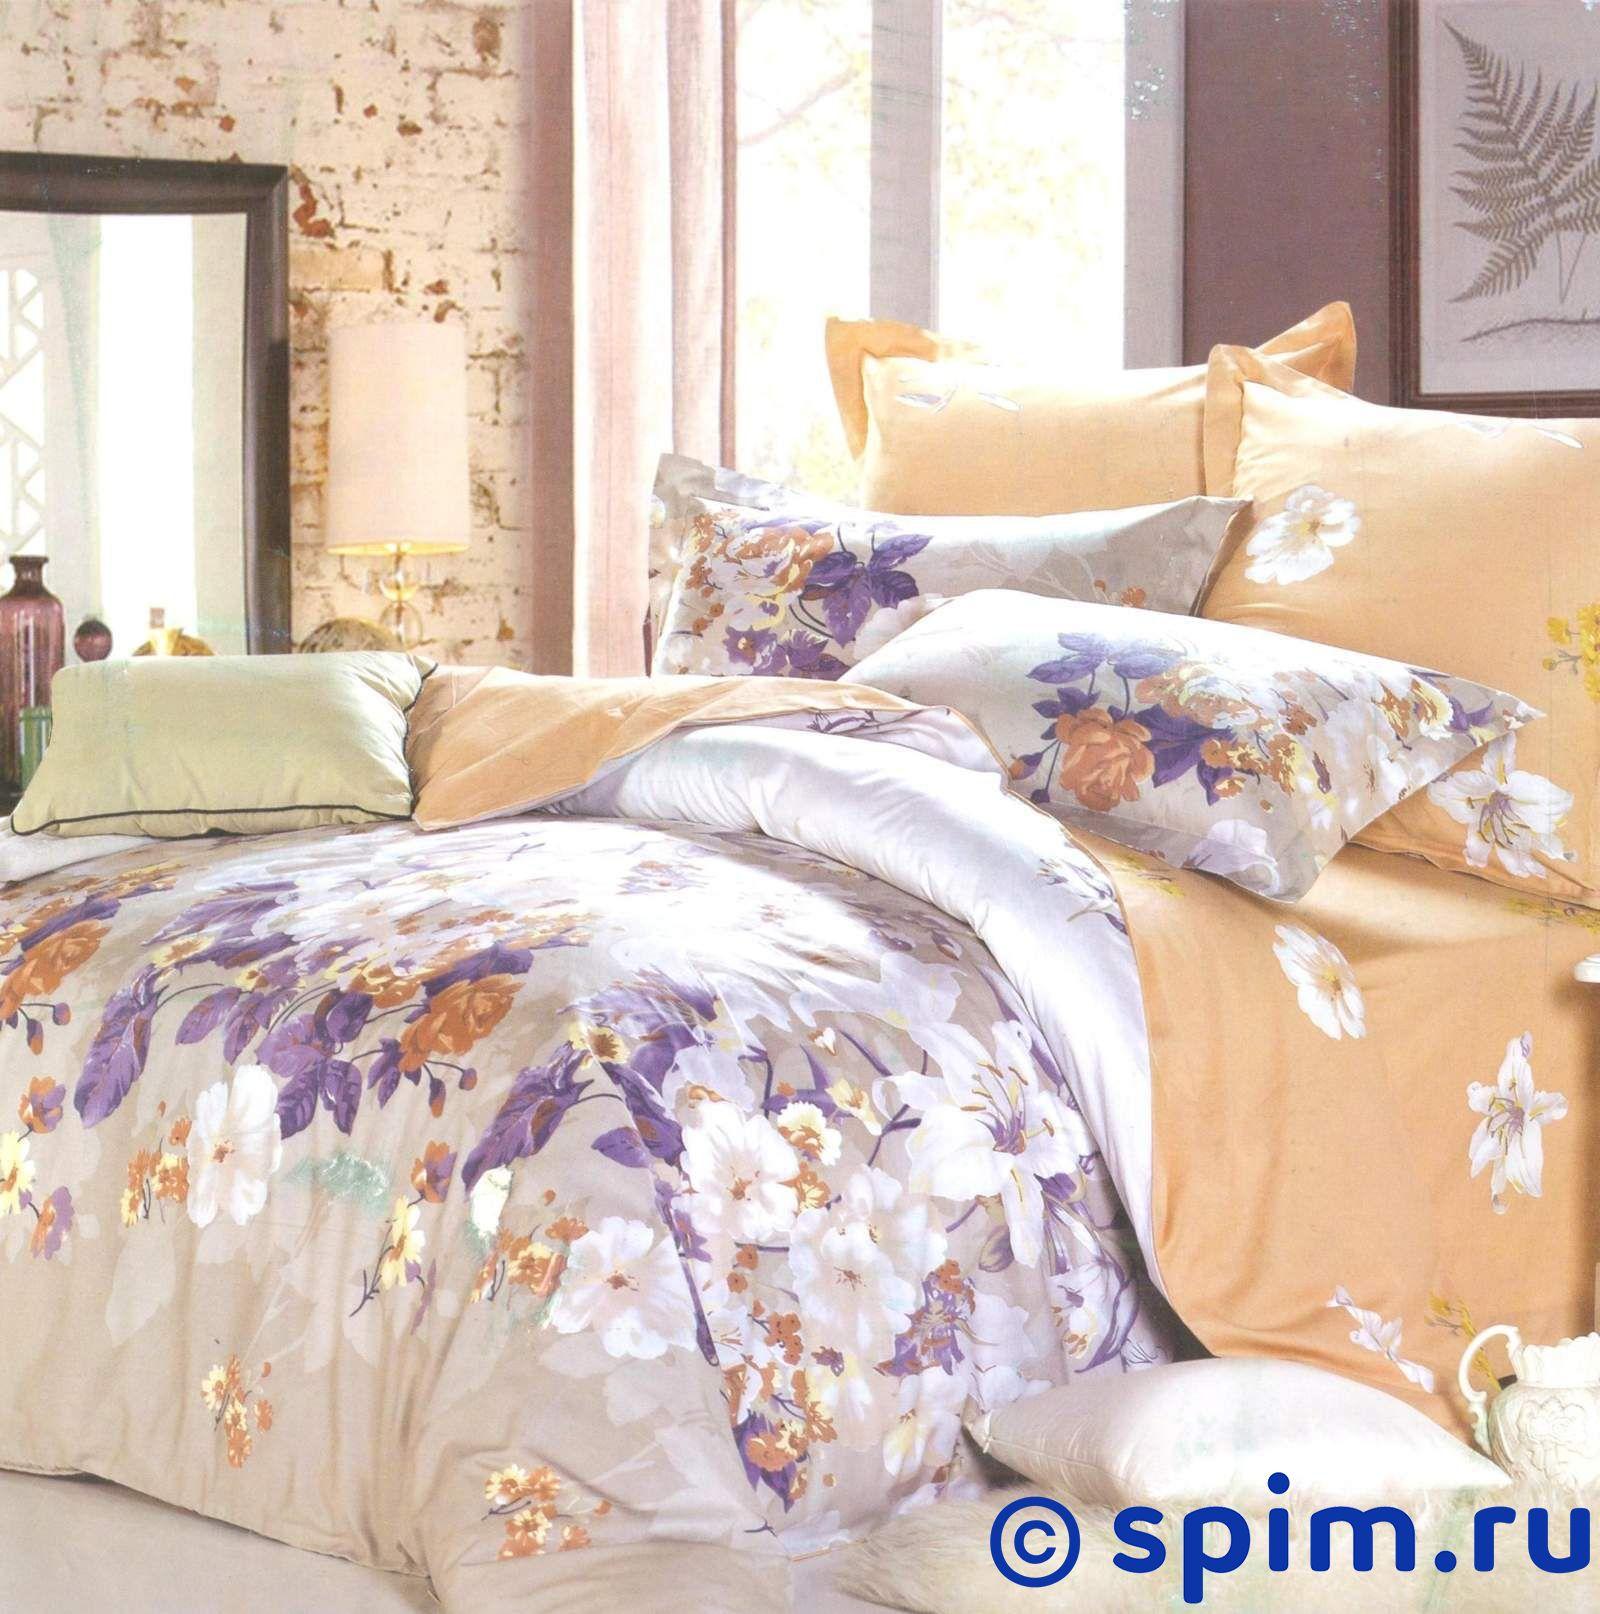 Комплект СайлиД В145 2 спальноеСатиновое постельное белье СайлиД<br>Материал: 100% хлопок (печатный сатин). Плотность, г/м2: 130. Размер Sailid Б: 2 спальное<br><br>Размер: 2 спальное